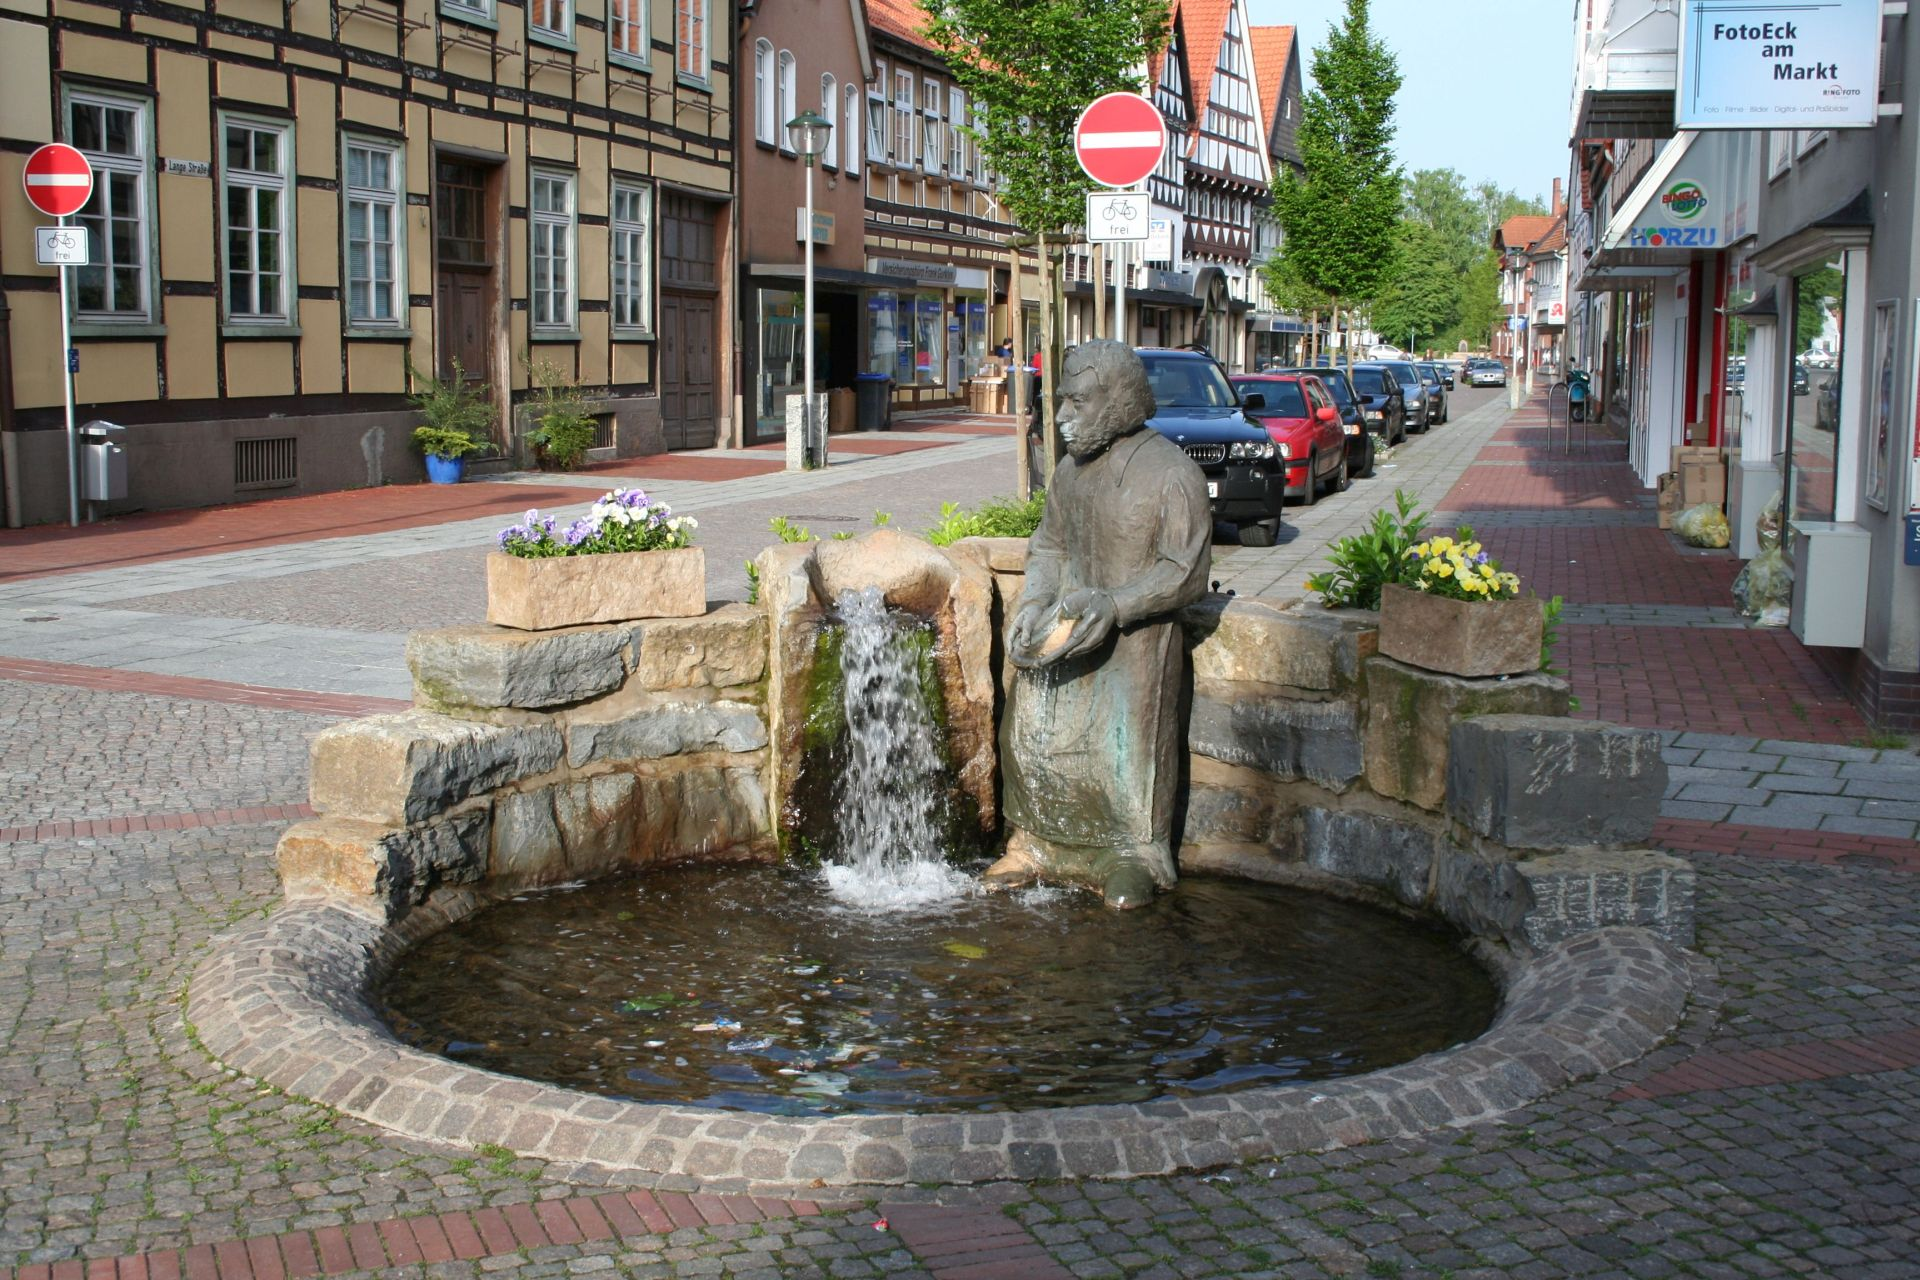 Baxmannbrunnen